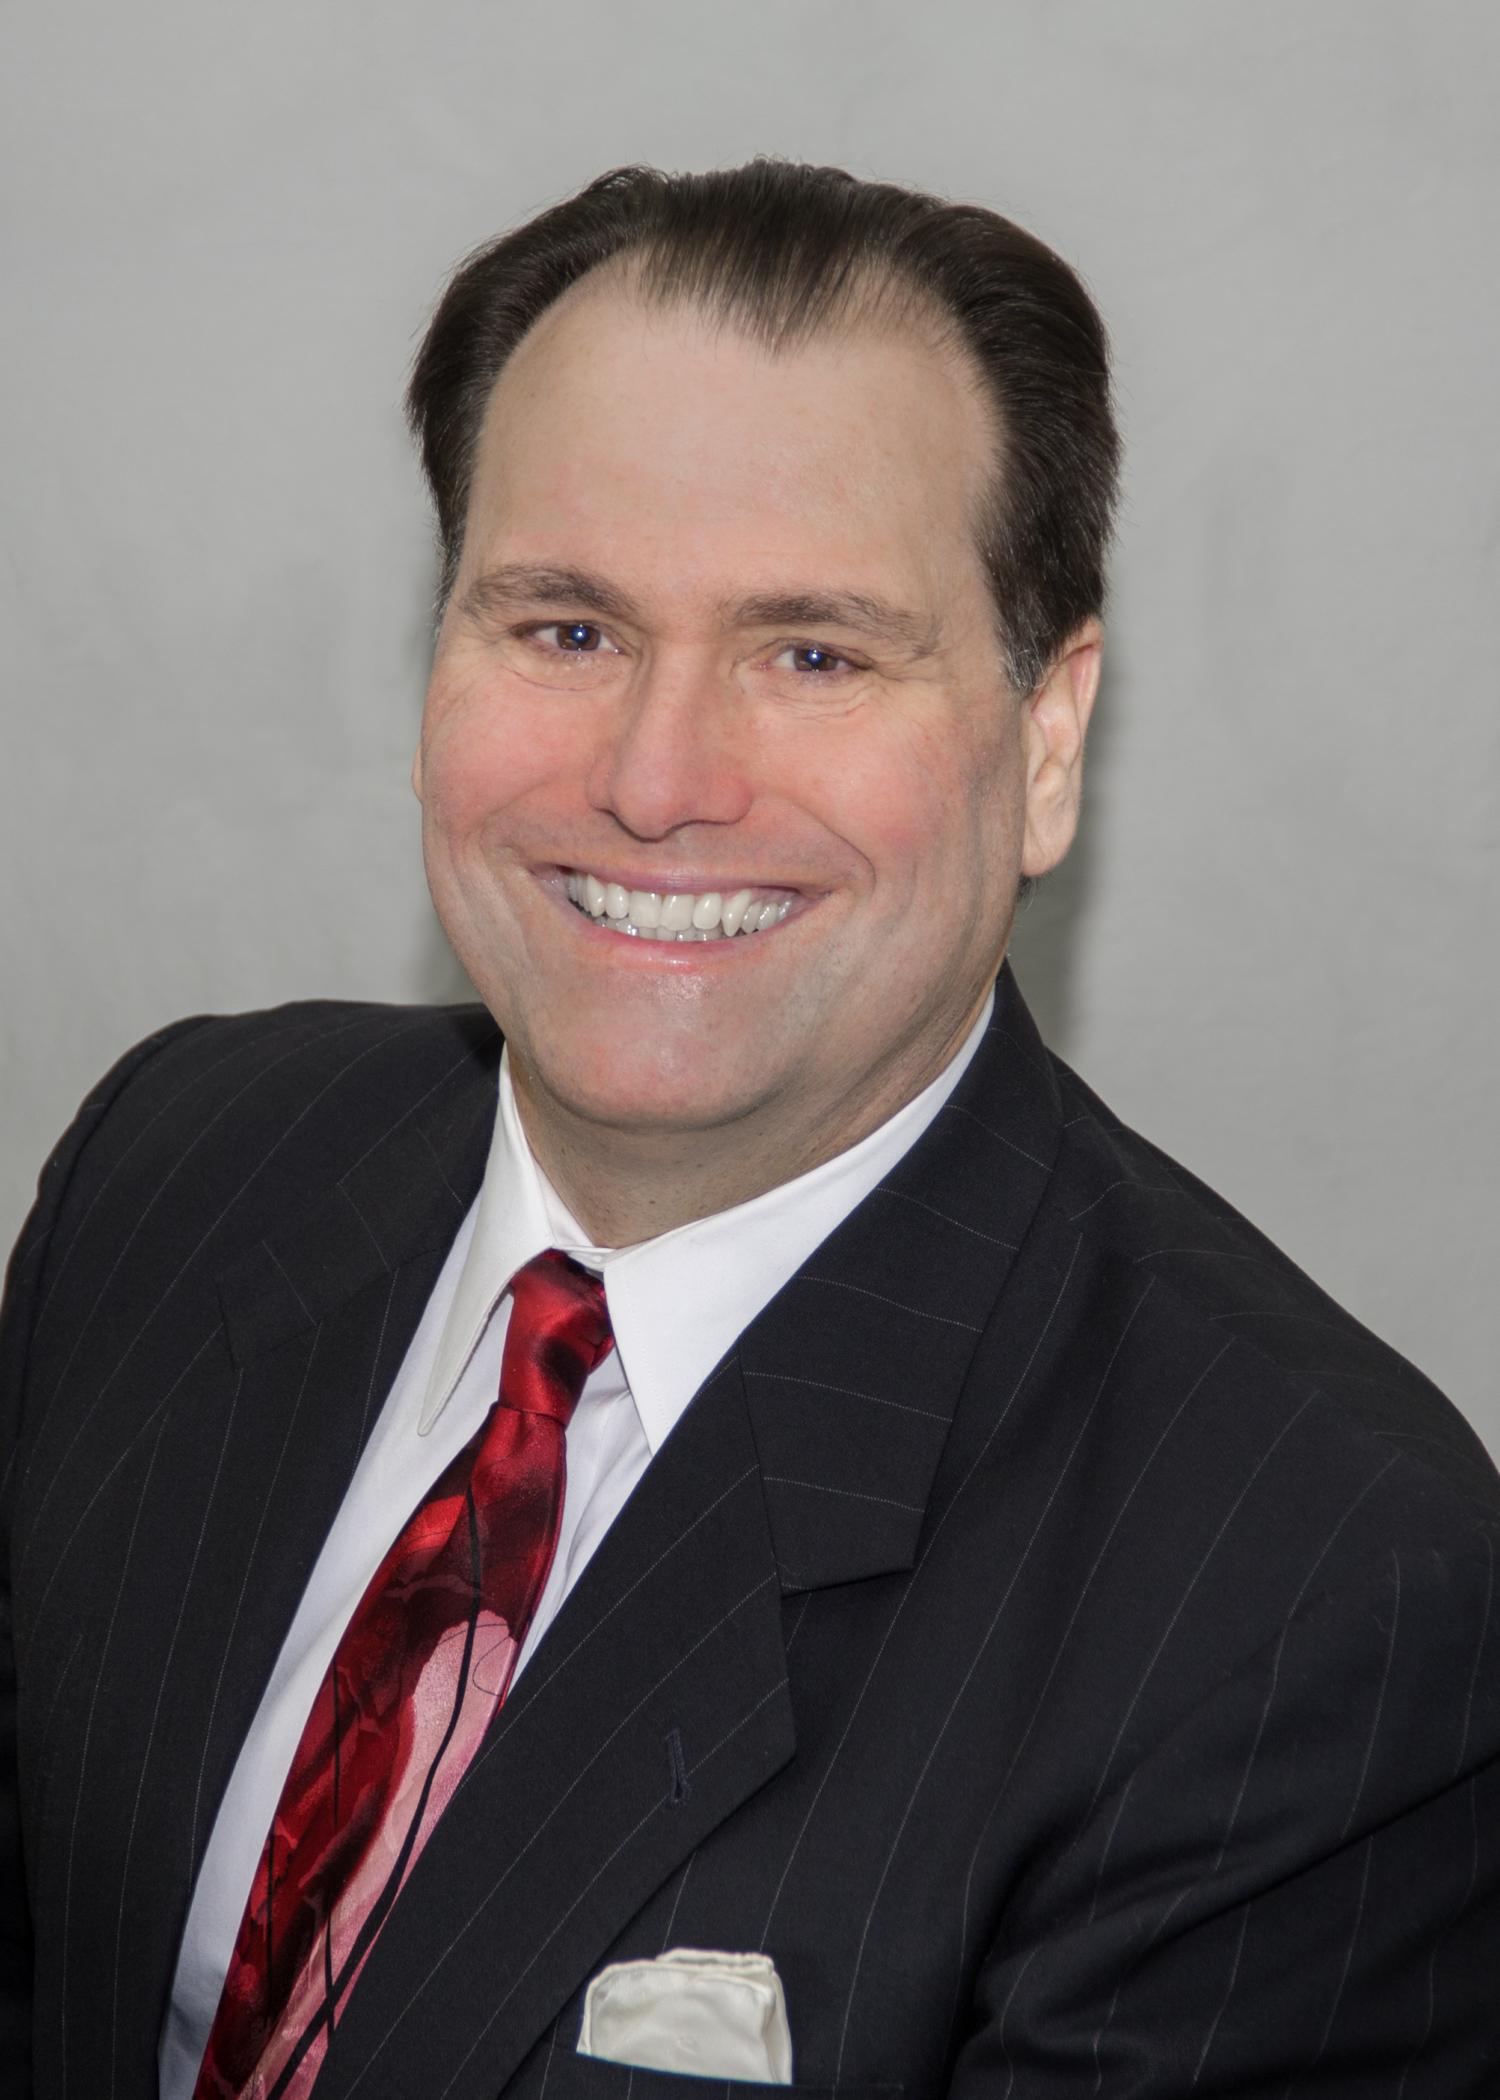 Todd Puig